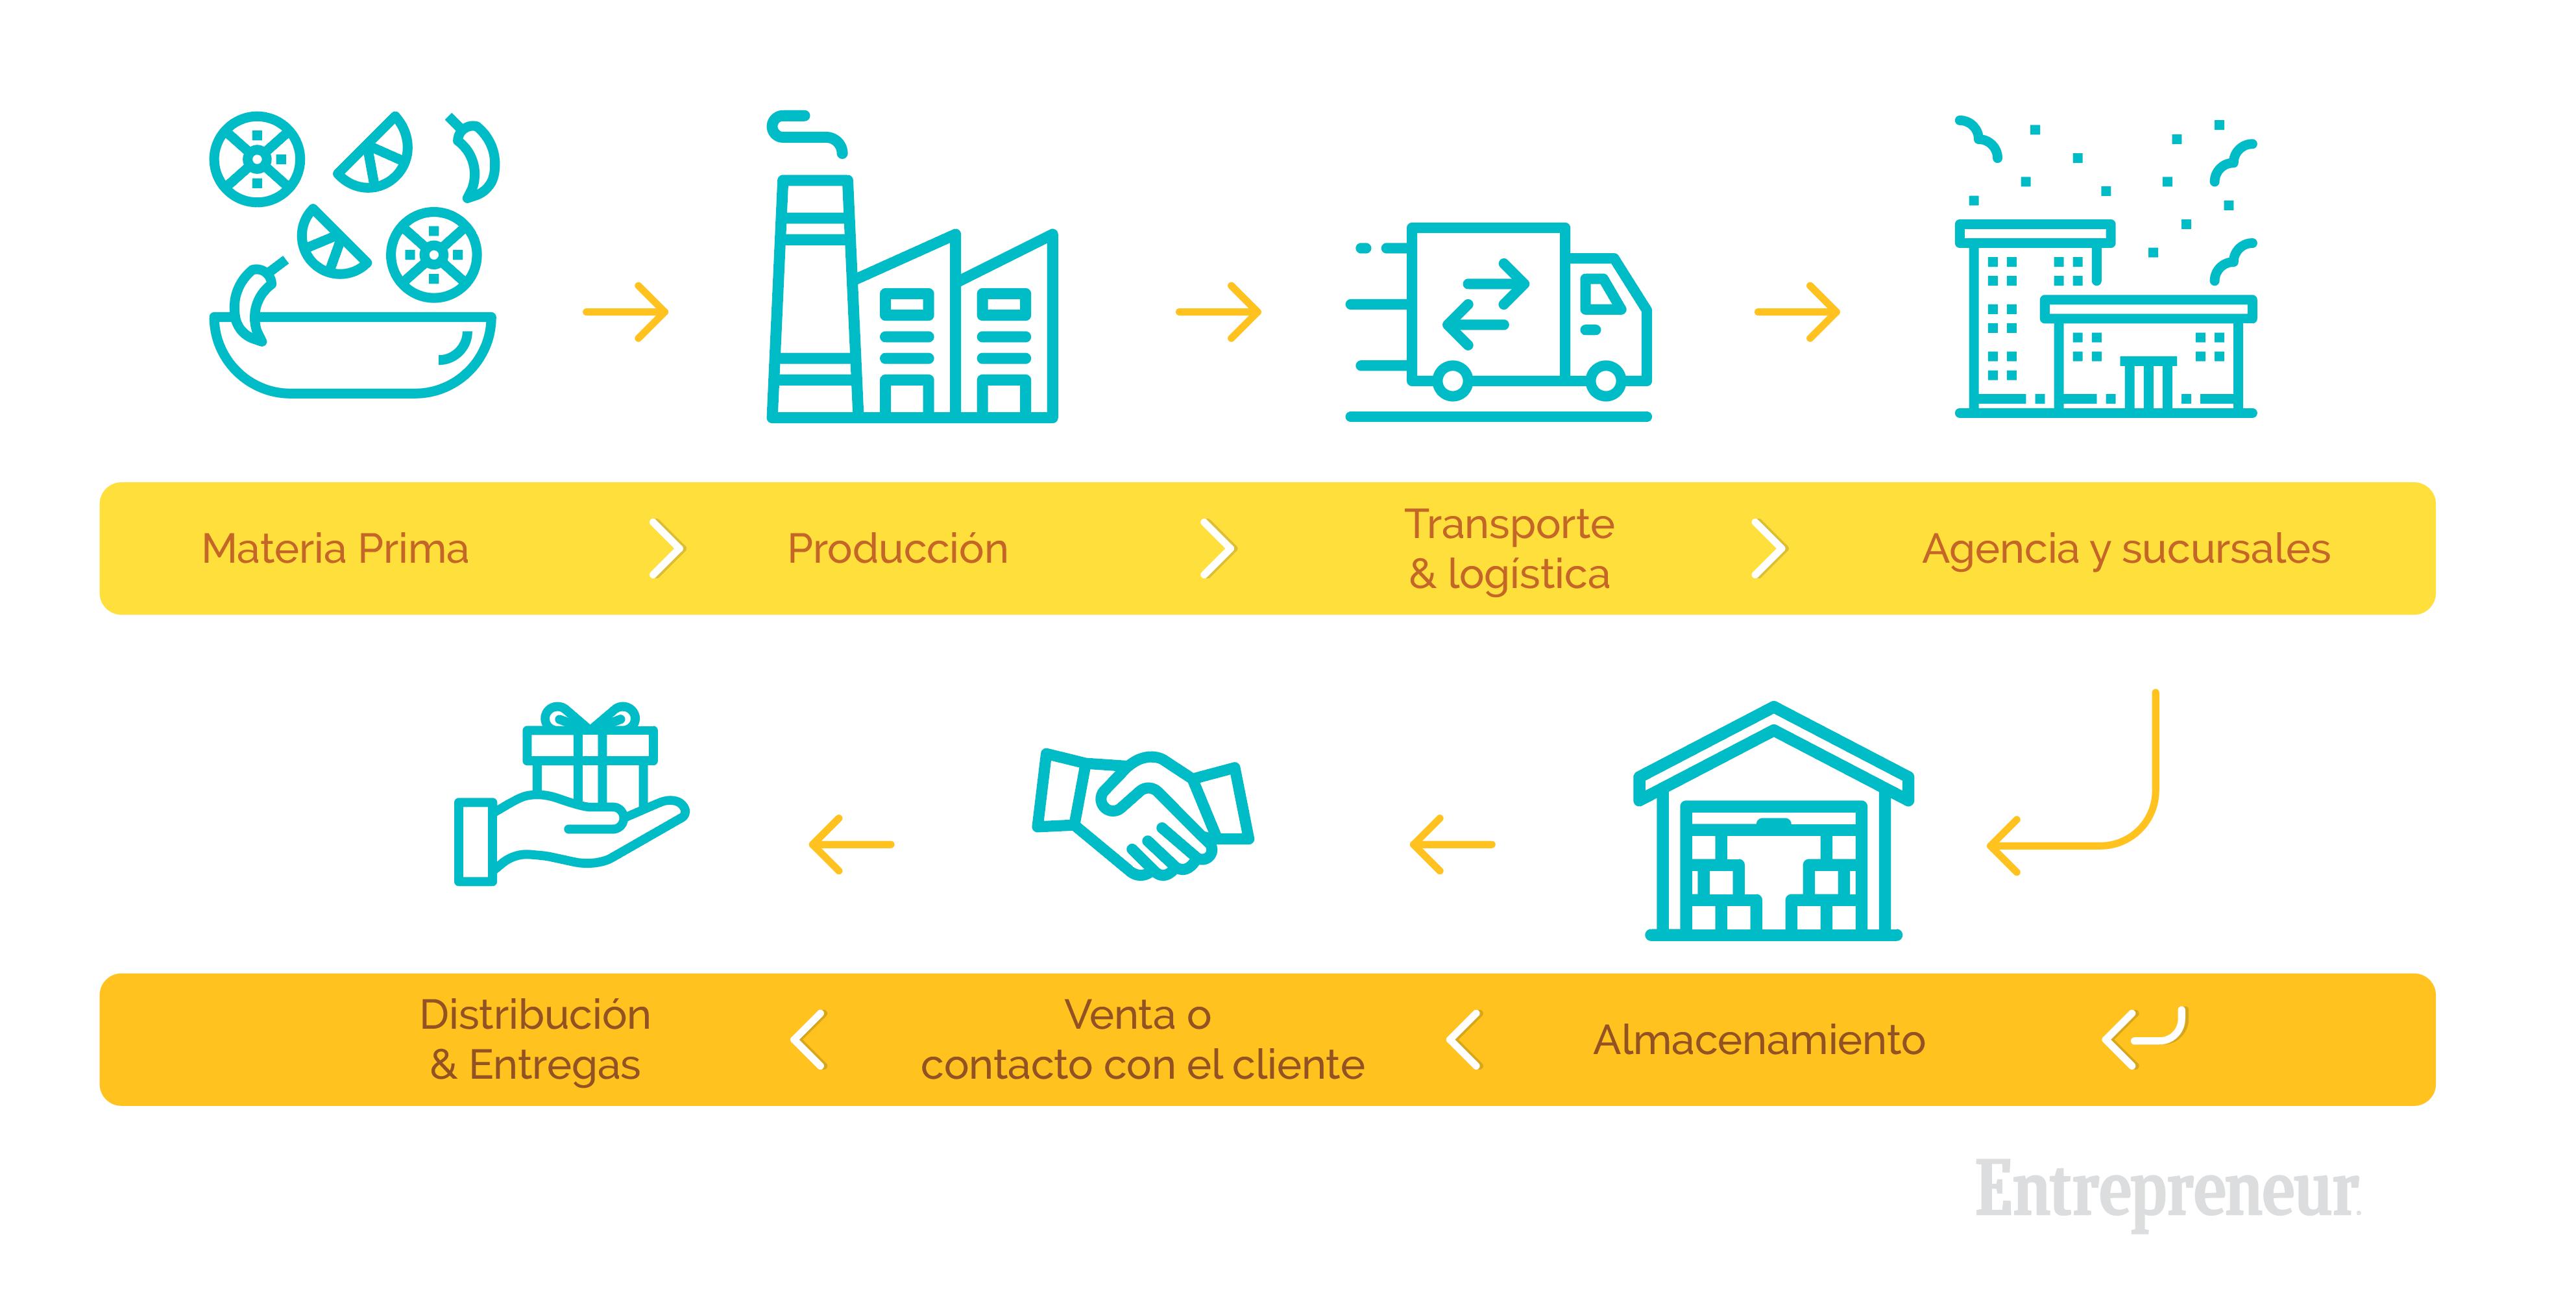 cadena de suministro qué es y cómo funciona